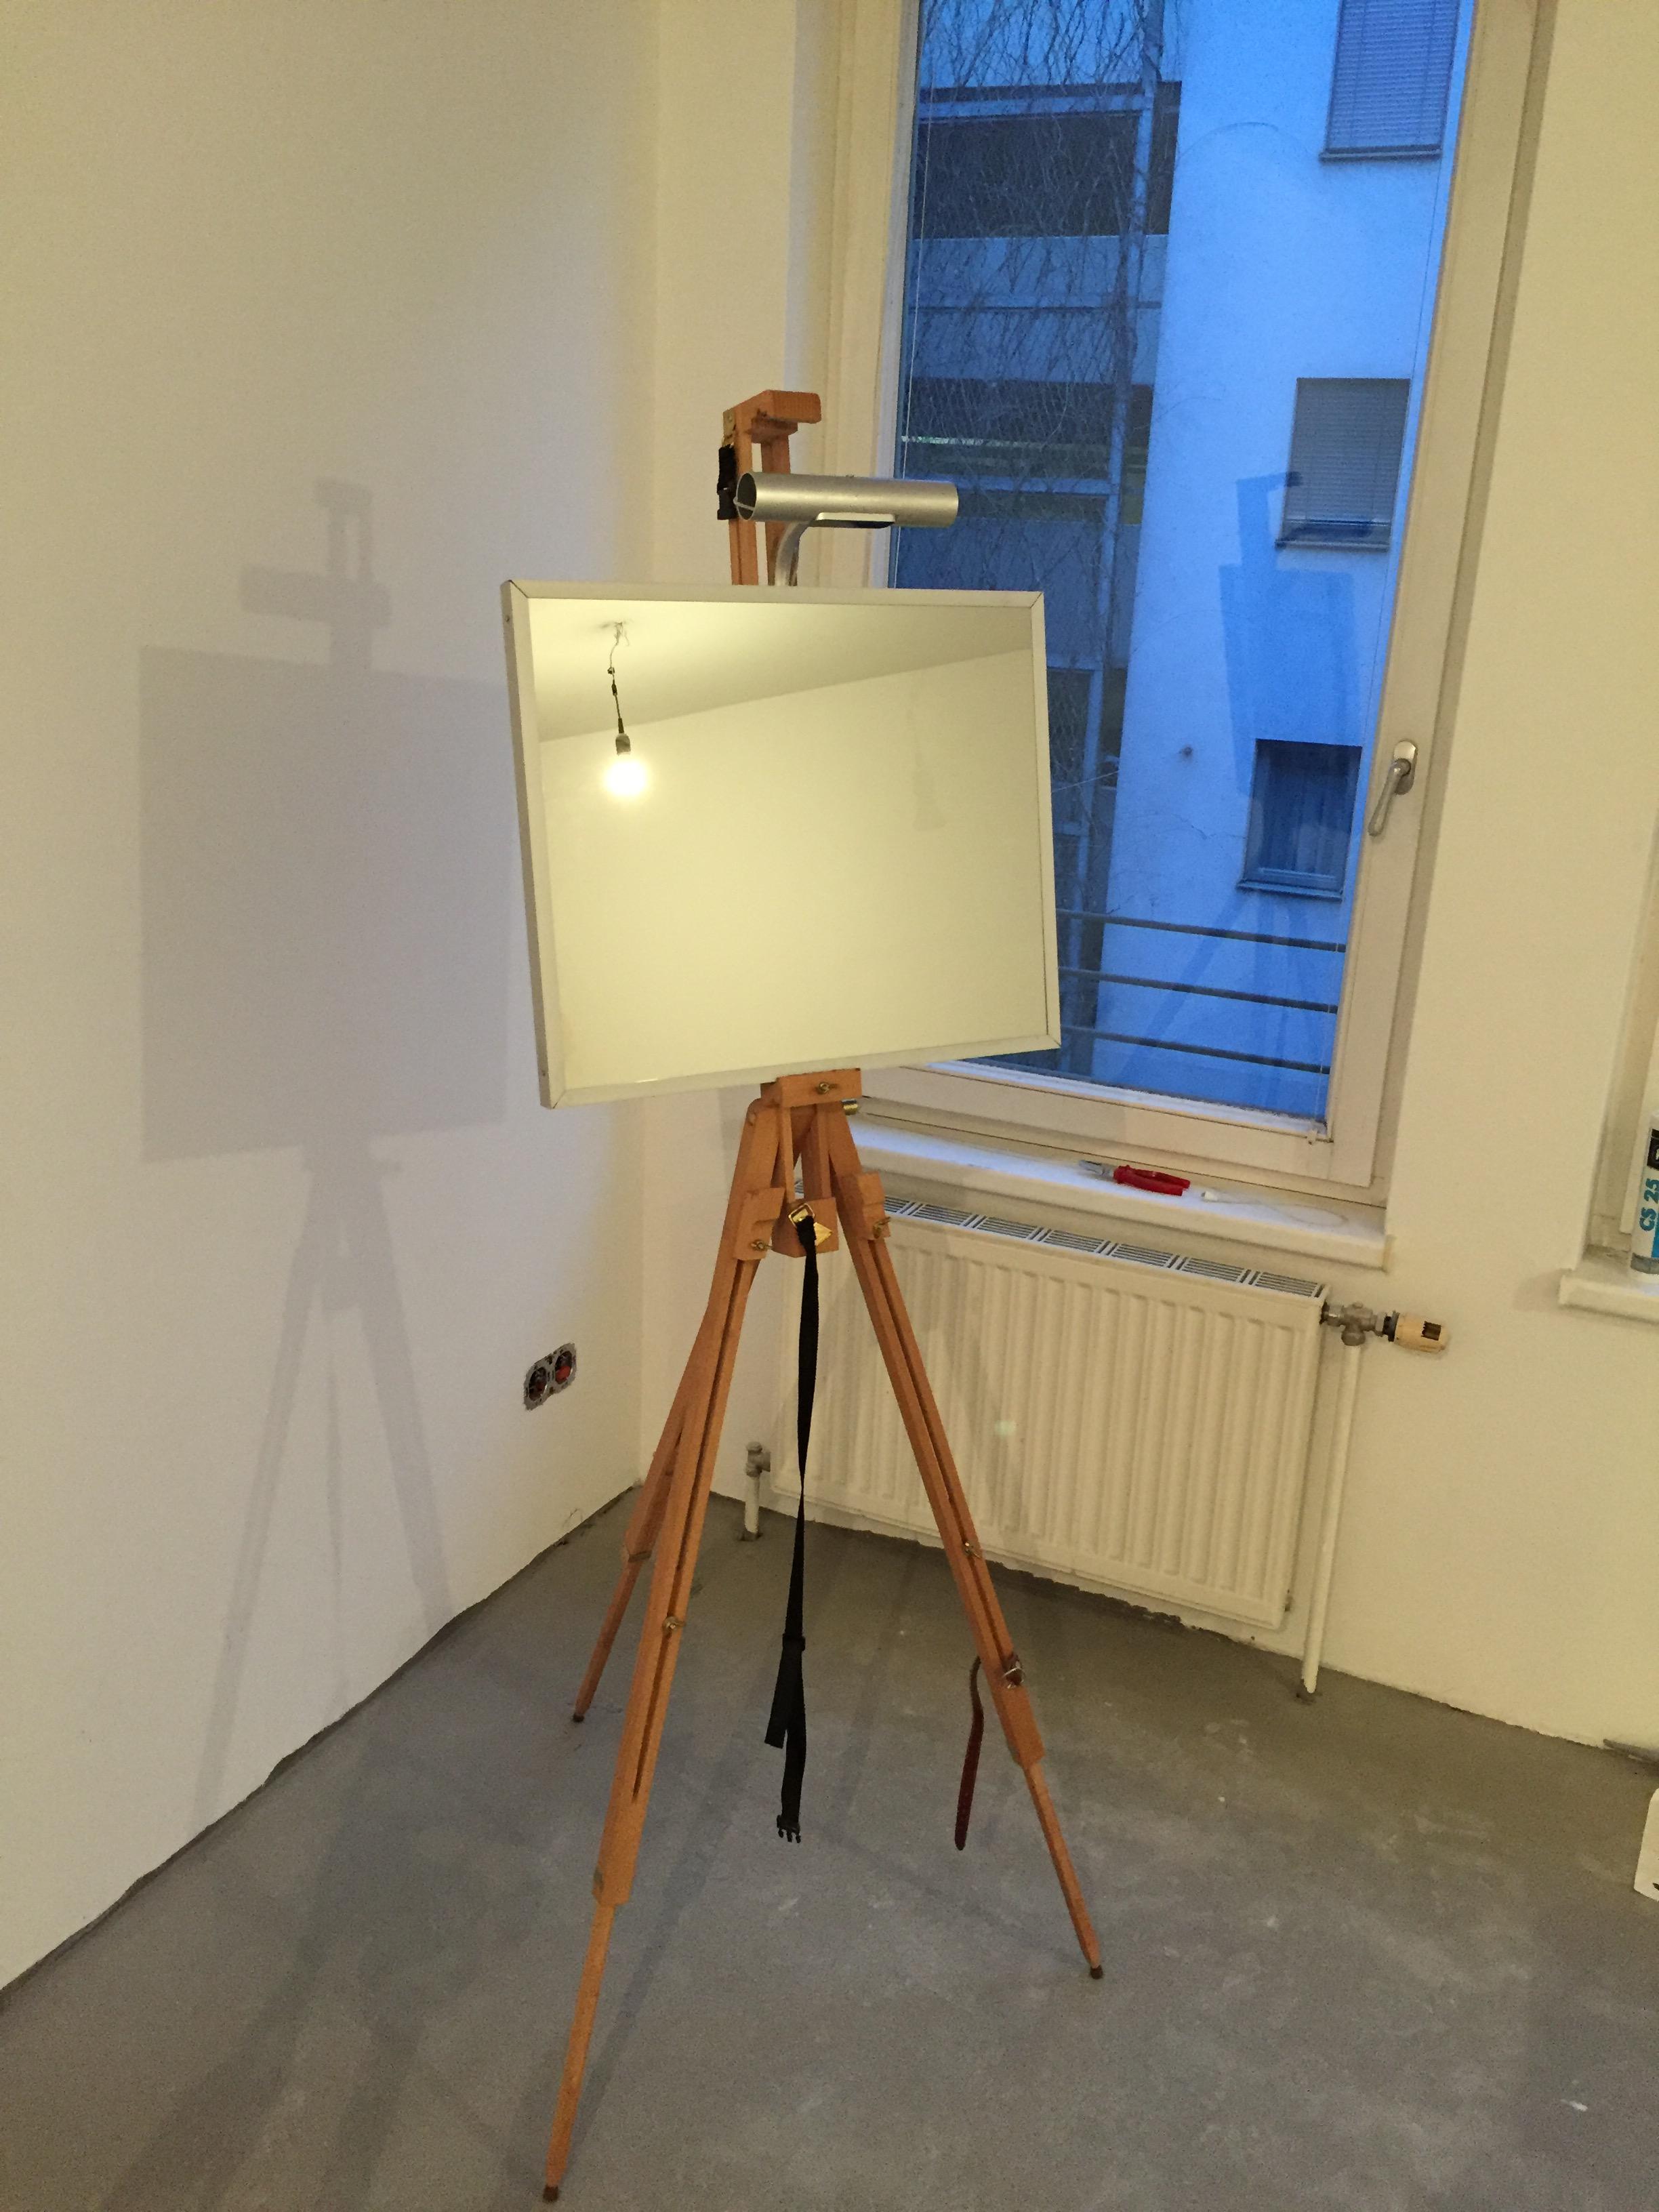 Проект Reflecty: зеркало как часть умного дома - 5